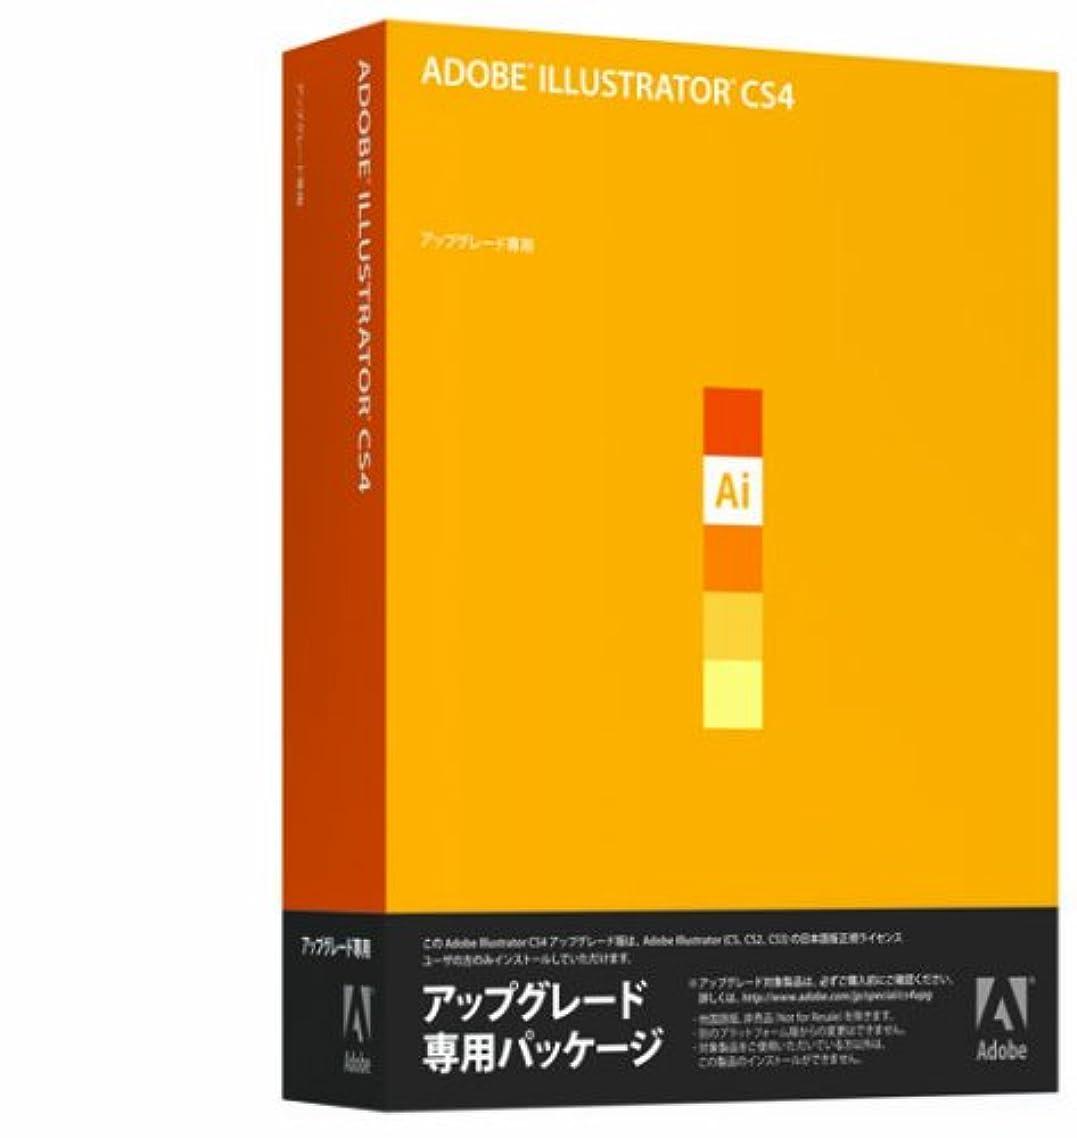 ハッピー酸孤独Adobe Illustrator CS4 (V14.0) 日本語版 アップグレード版 Macintosh版 (旧製品)